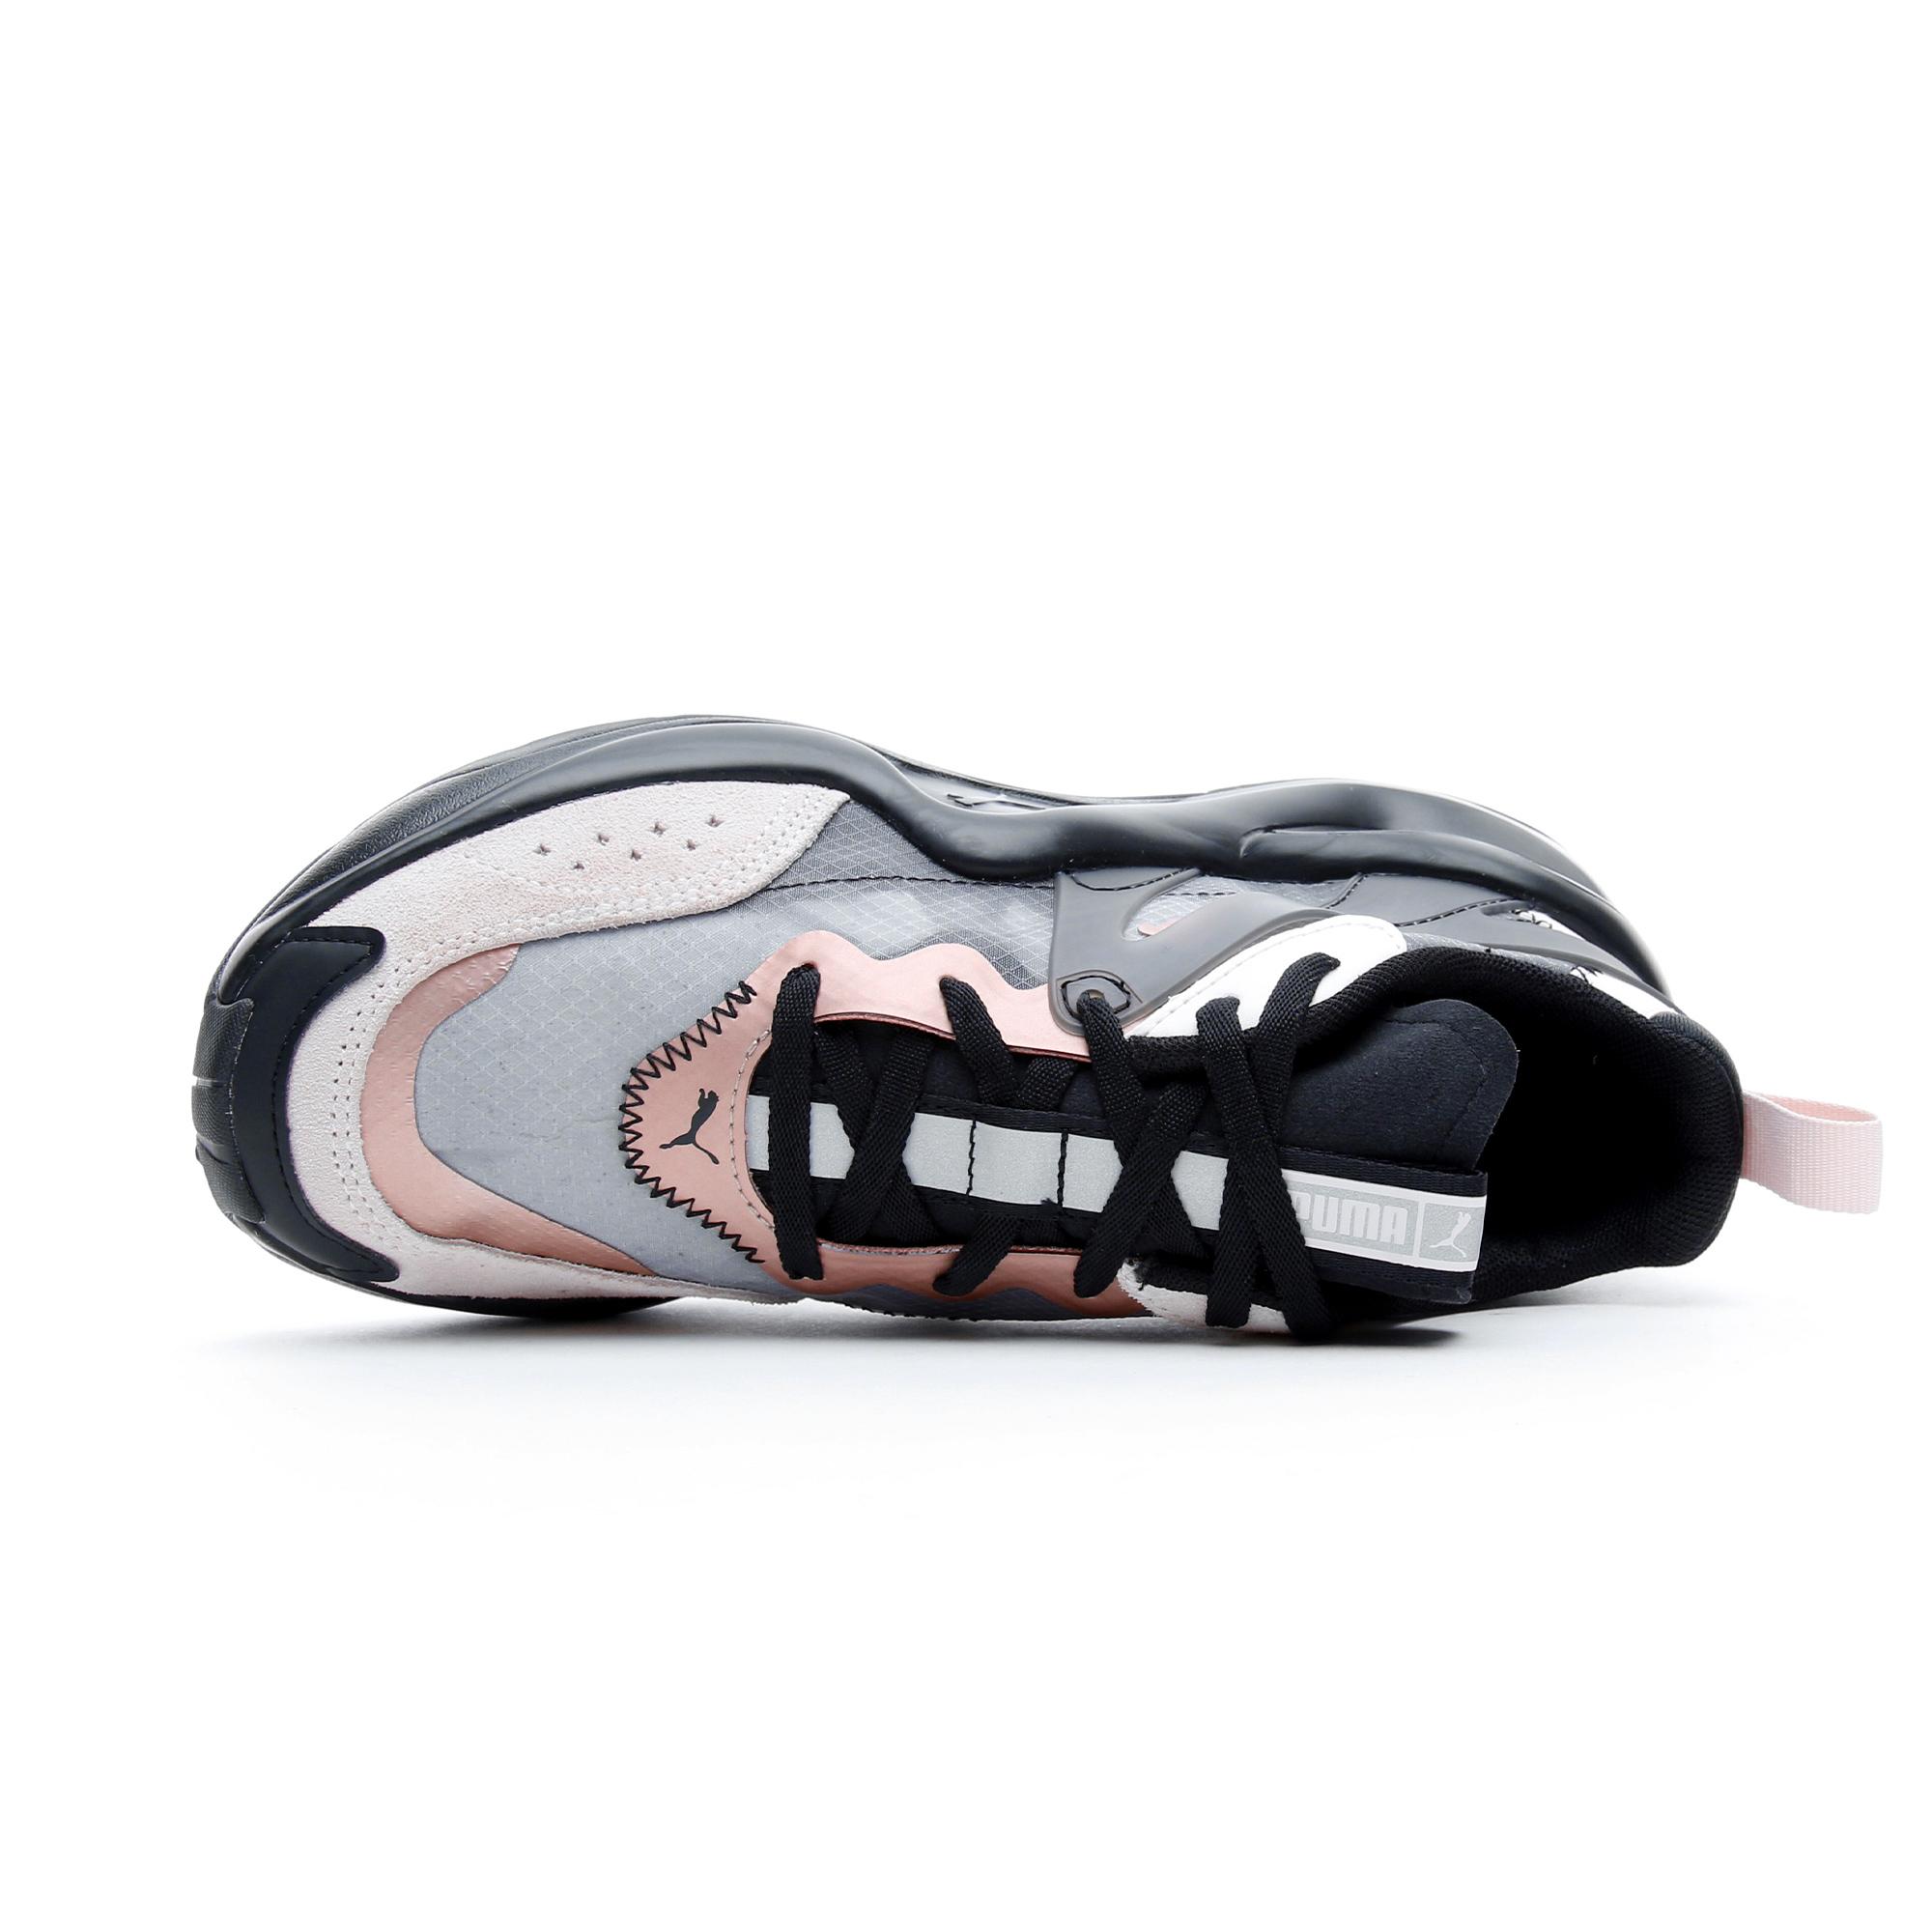 Puma Rise Kadın Kahverengi Spor Ayakkabı